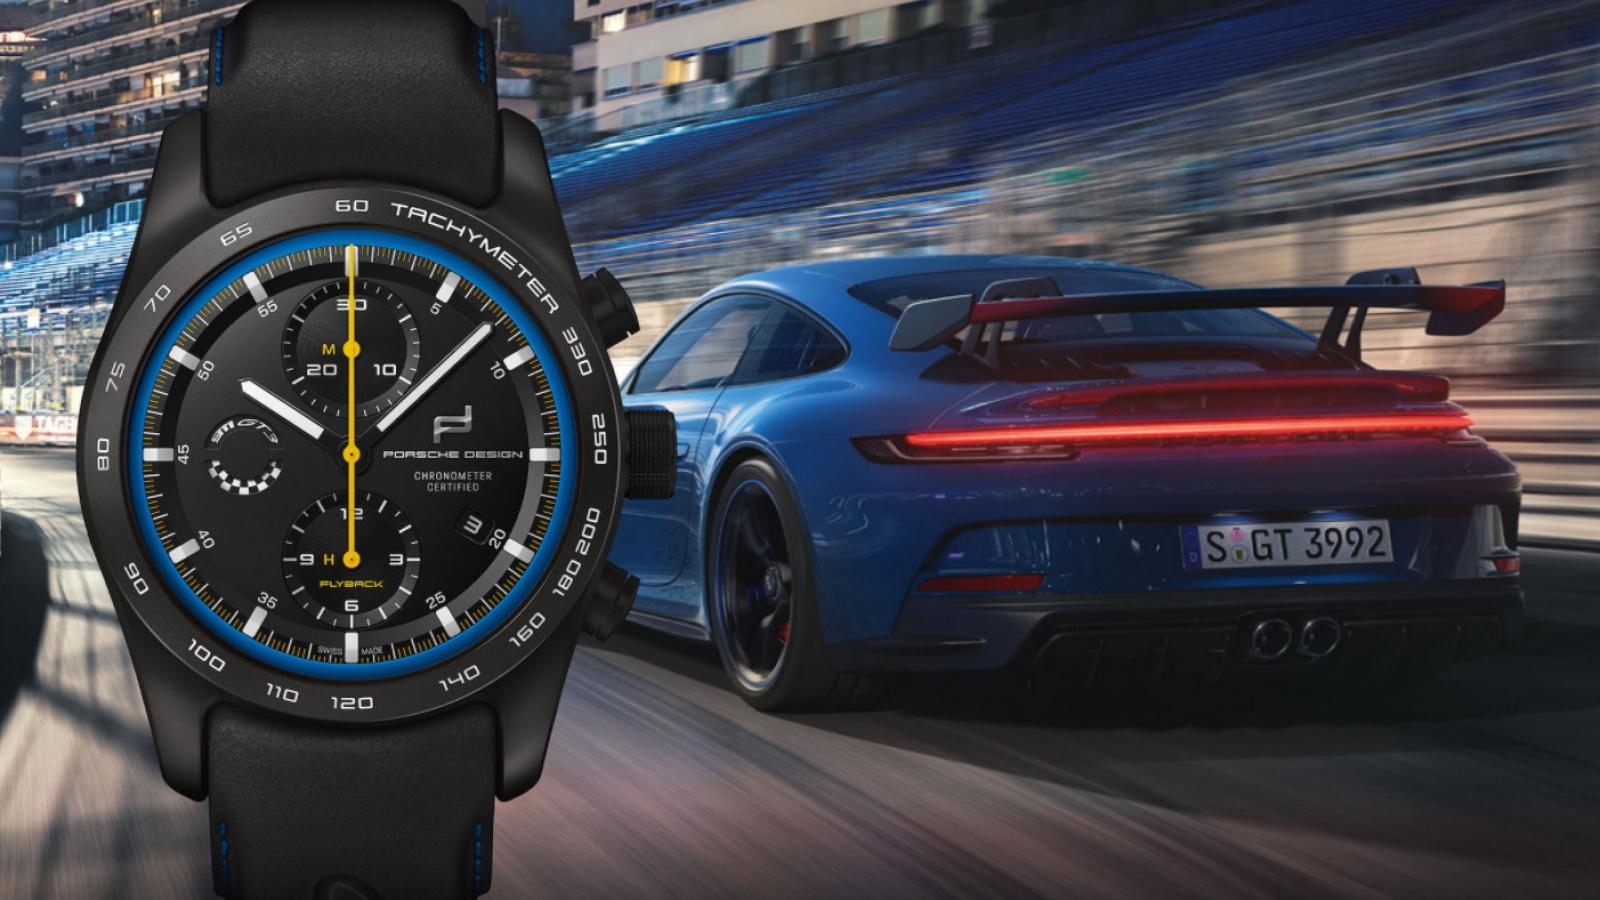 Chiêm ngưỡng đồng hồ Chronograph 8,500 USD mới của Porsche Design